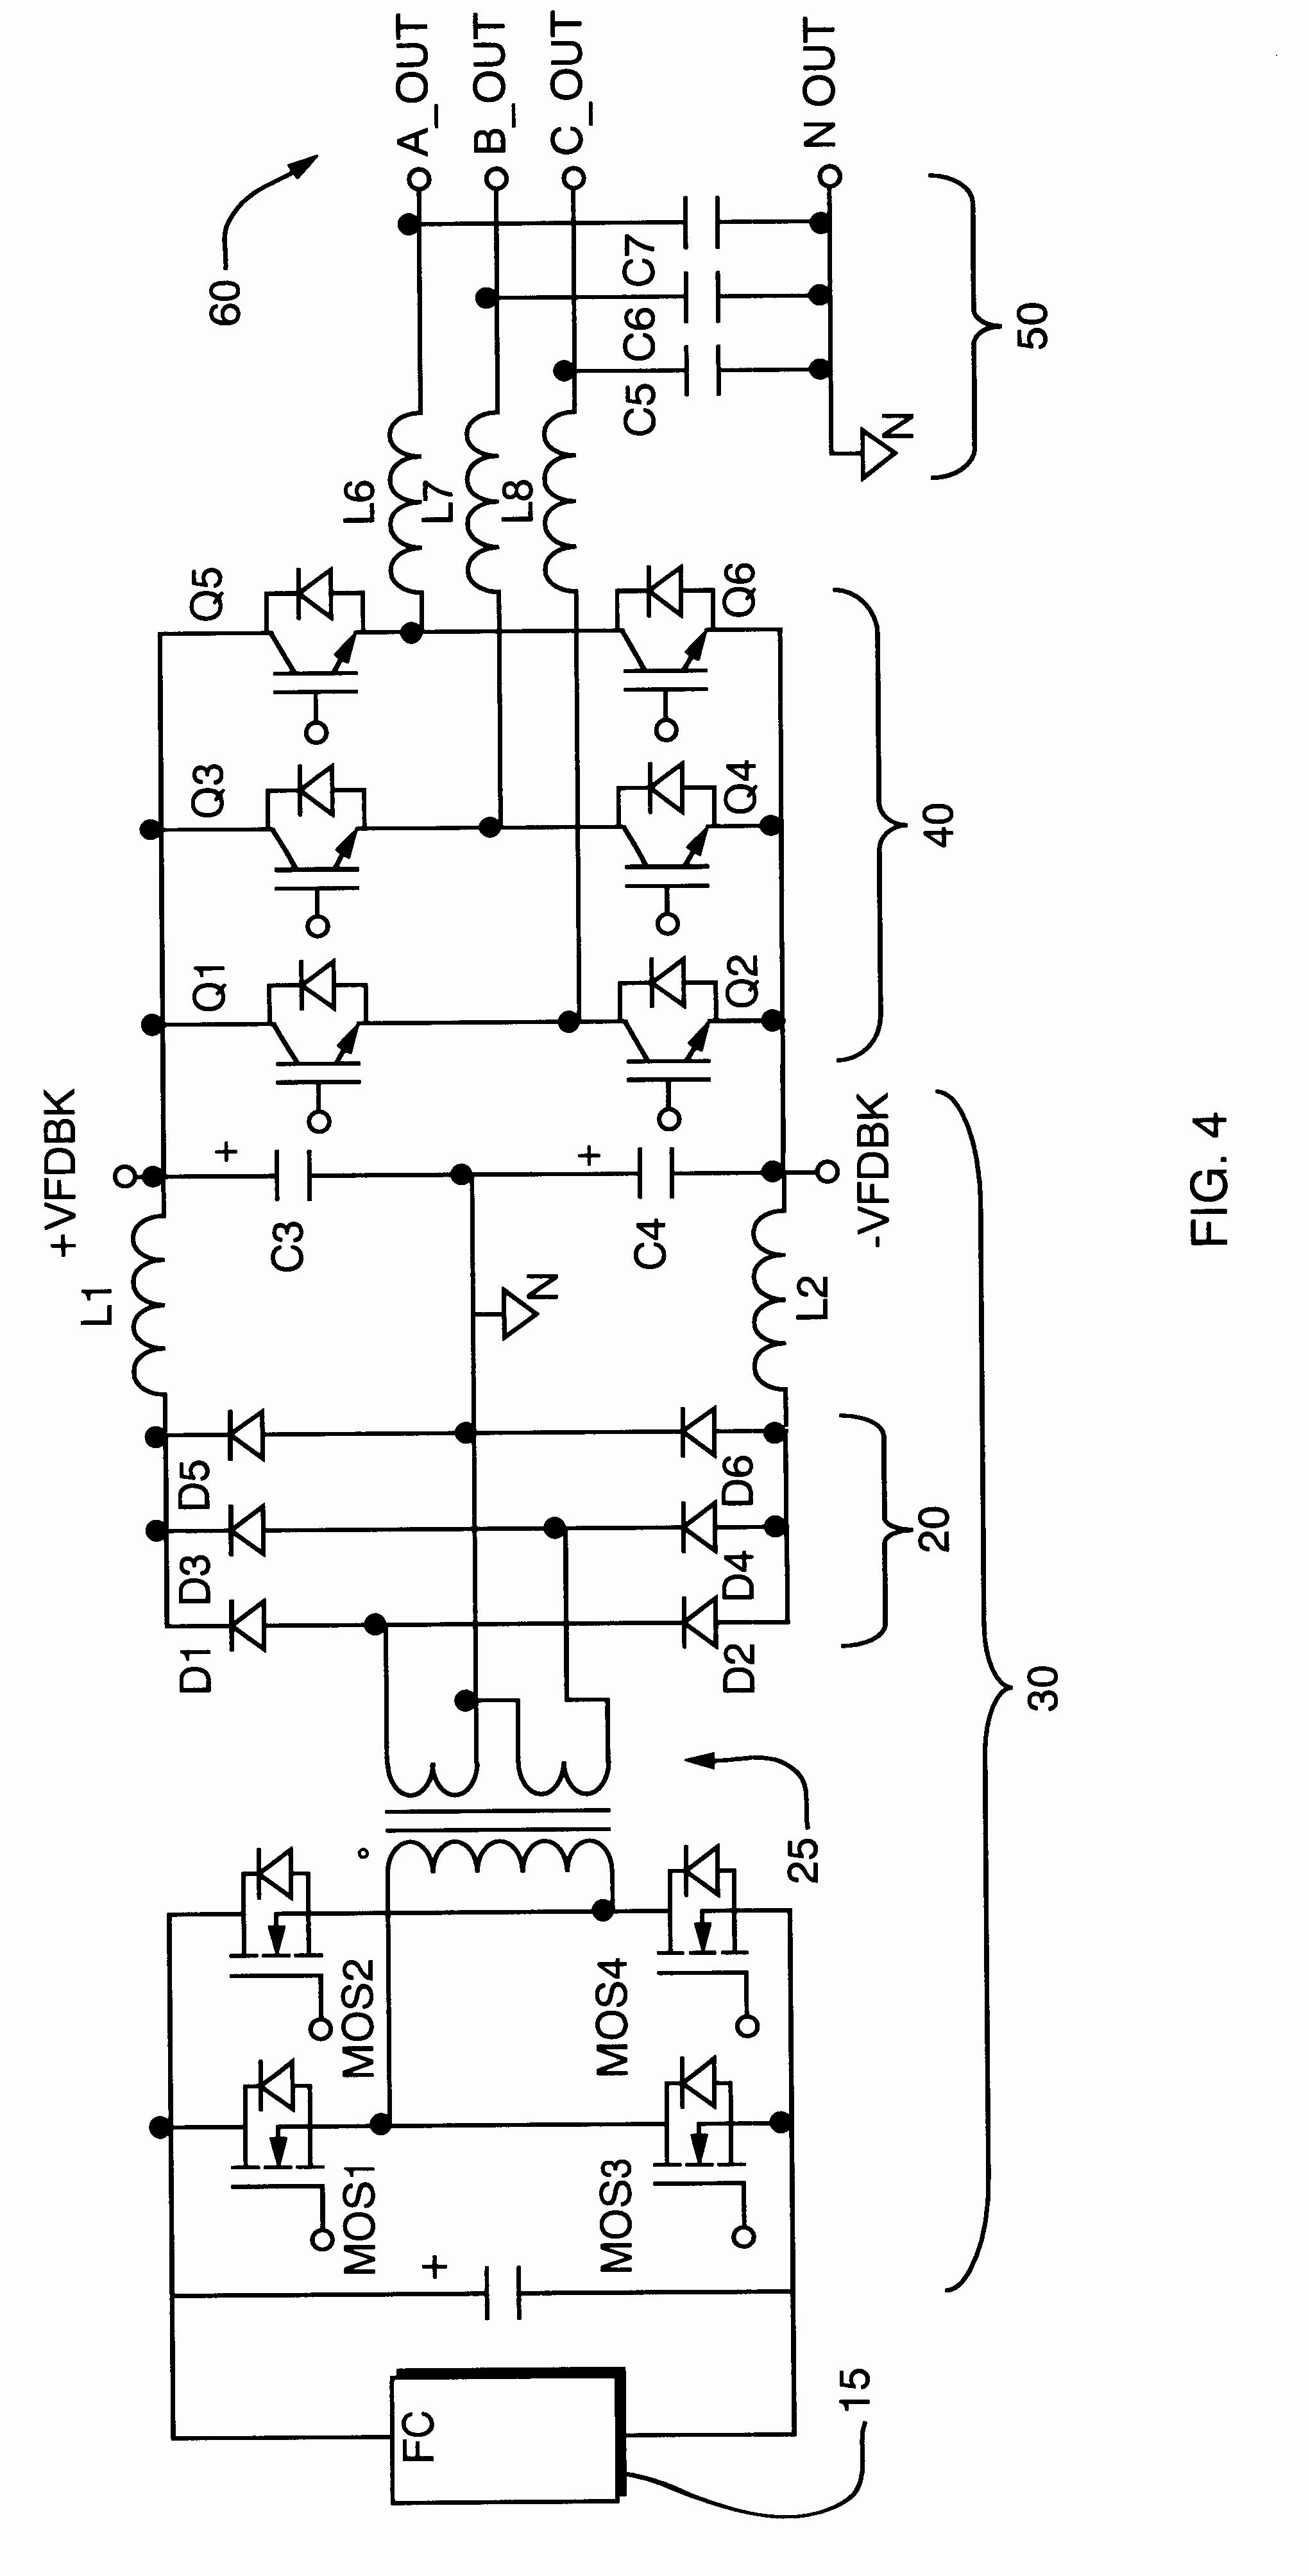 abb drive ach550 control wiring